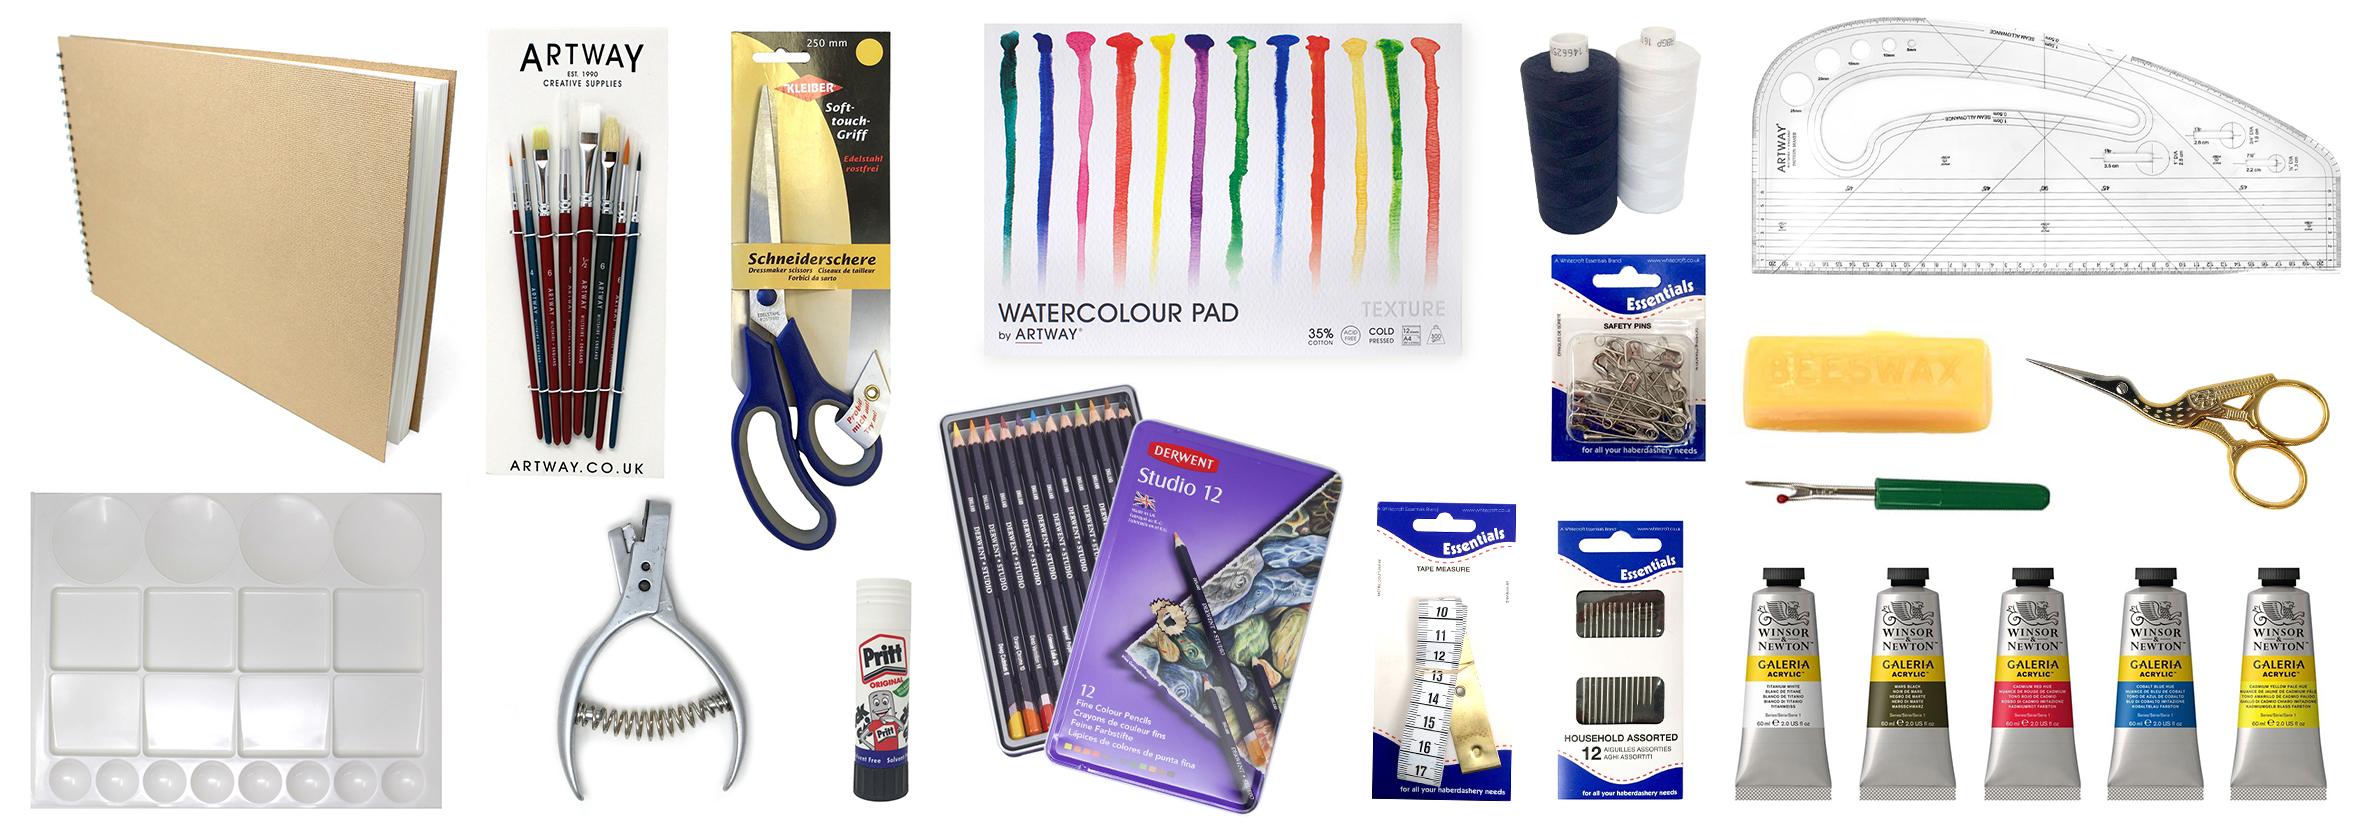 art-kit-banner-textile.jpg